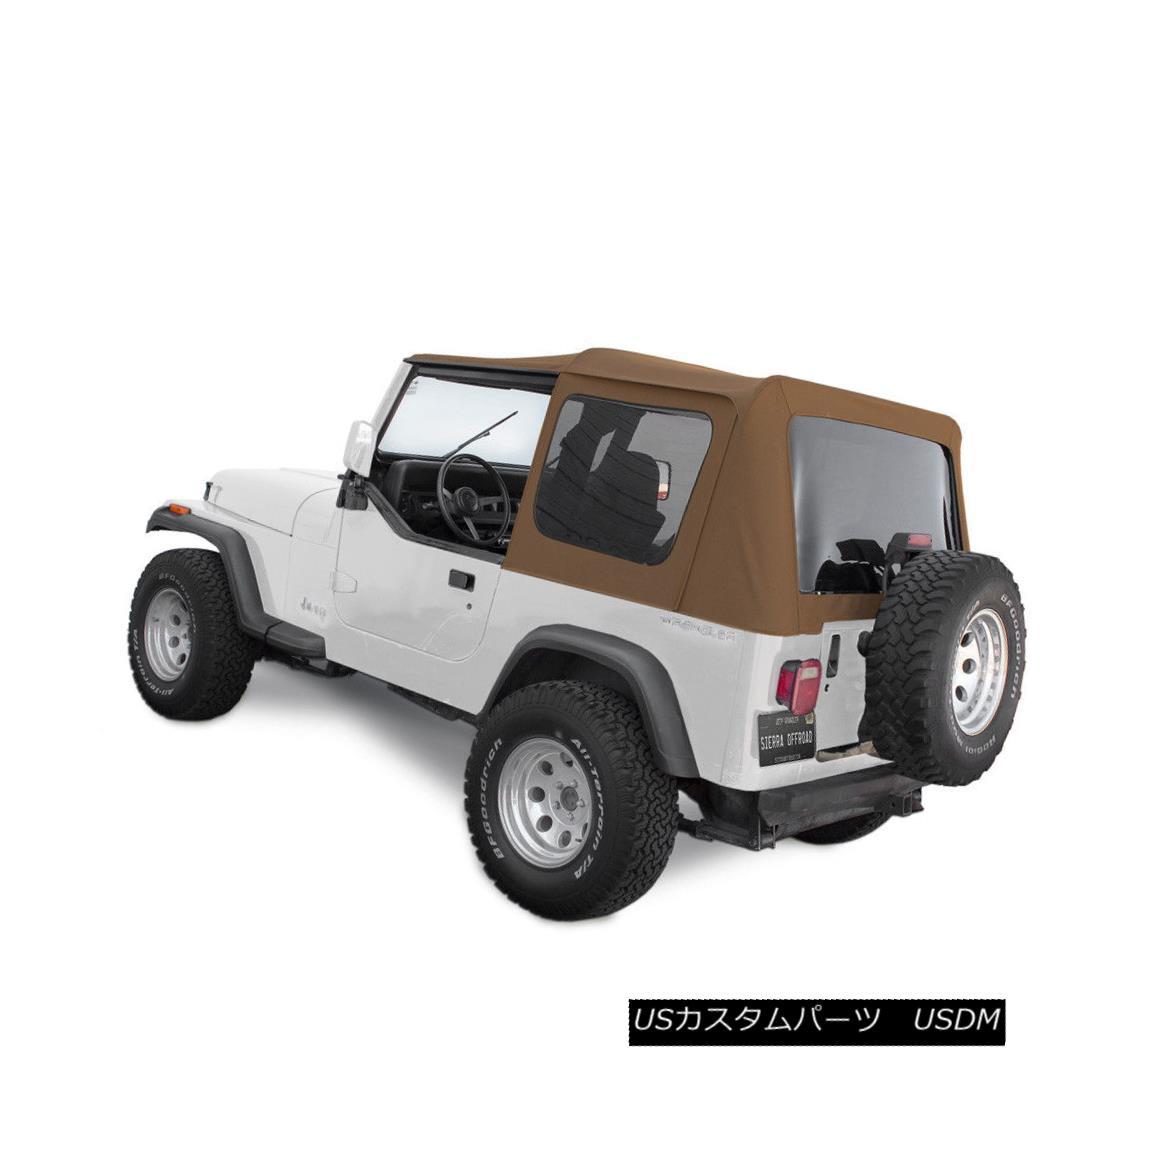 幌・ソフトトップ Jeep Soft Top for 88-95 Wrangler YJ w/Tinted Windows in Spice Denim ジープソフトトップ、88-95 Wrangler YJ(スパイスデニム入り)